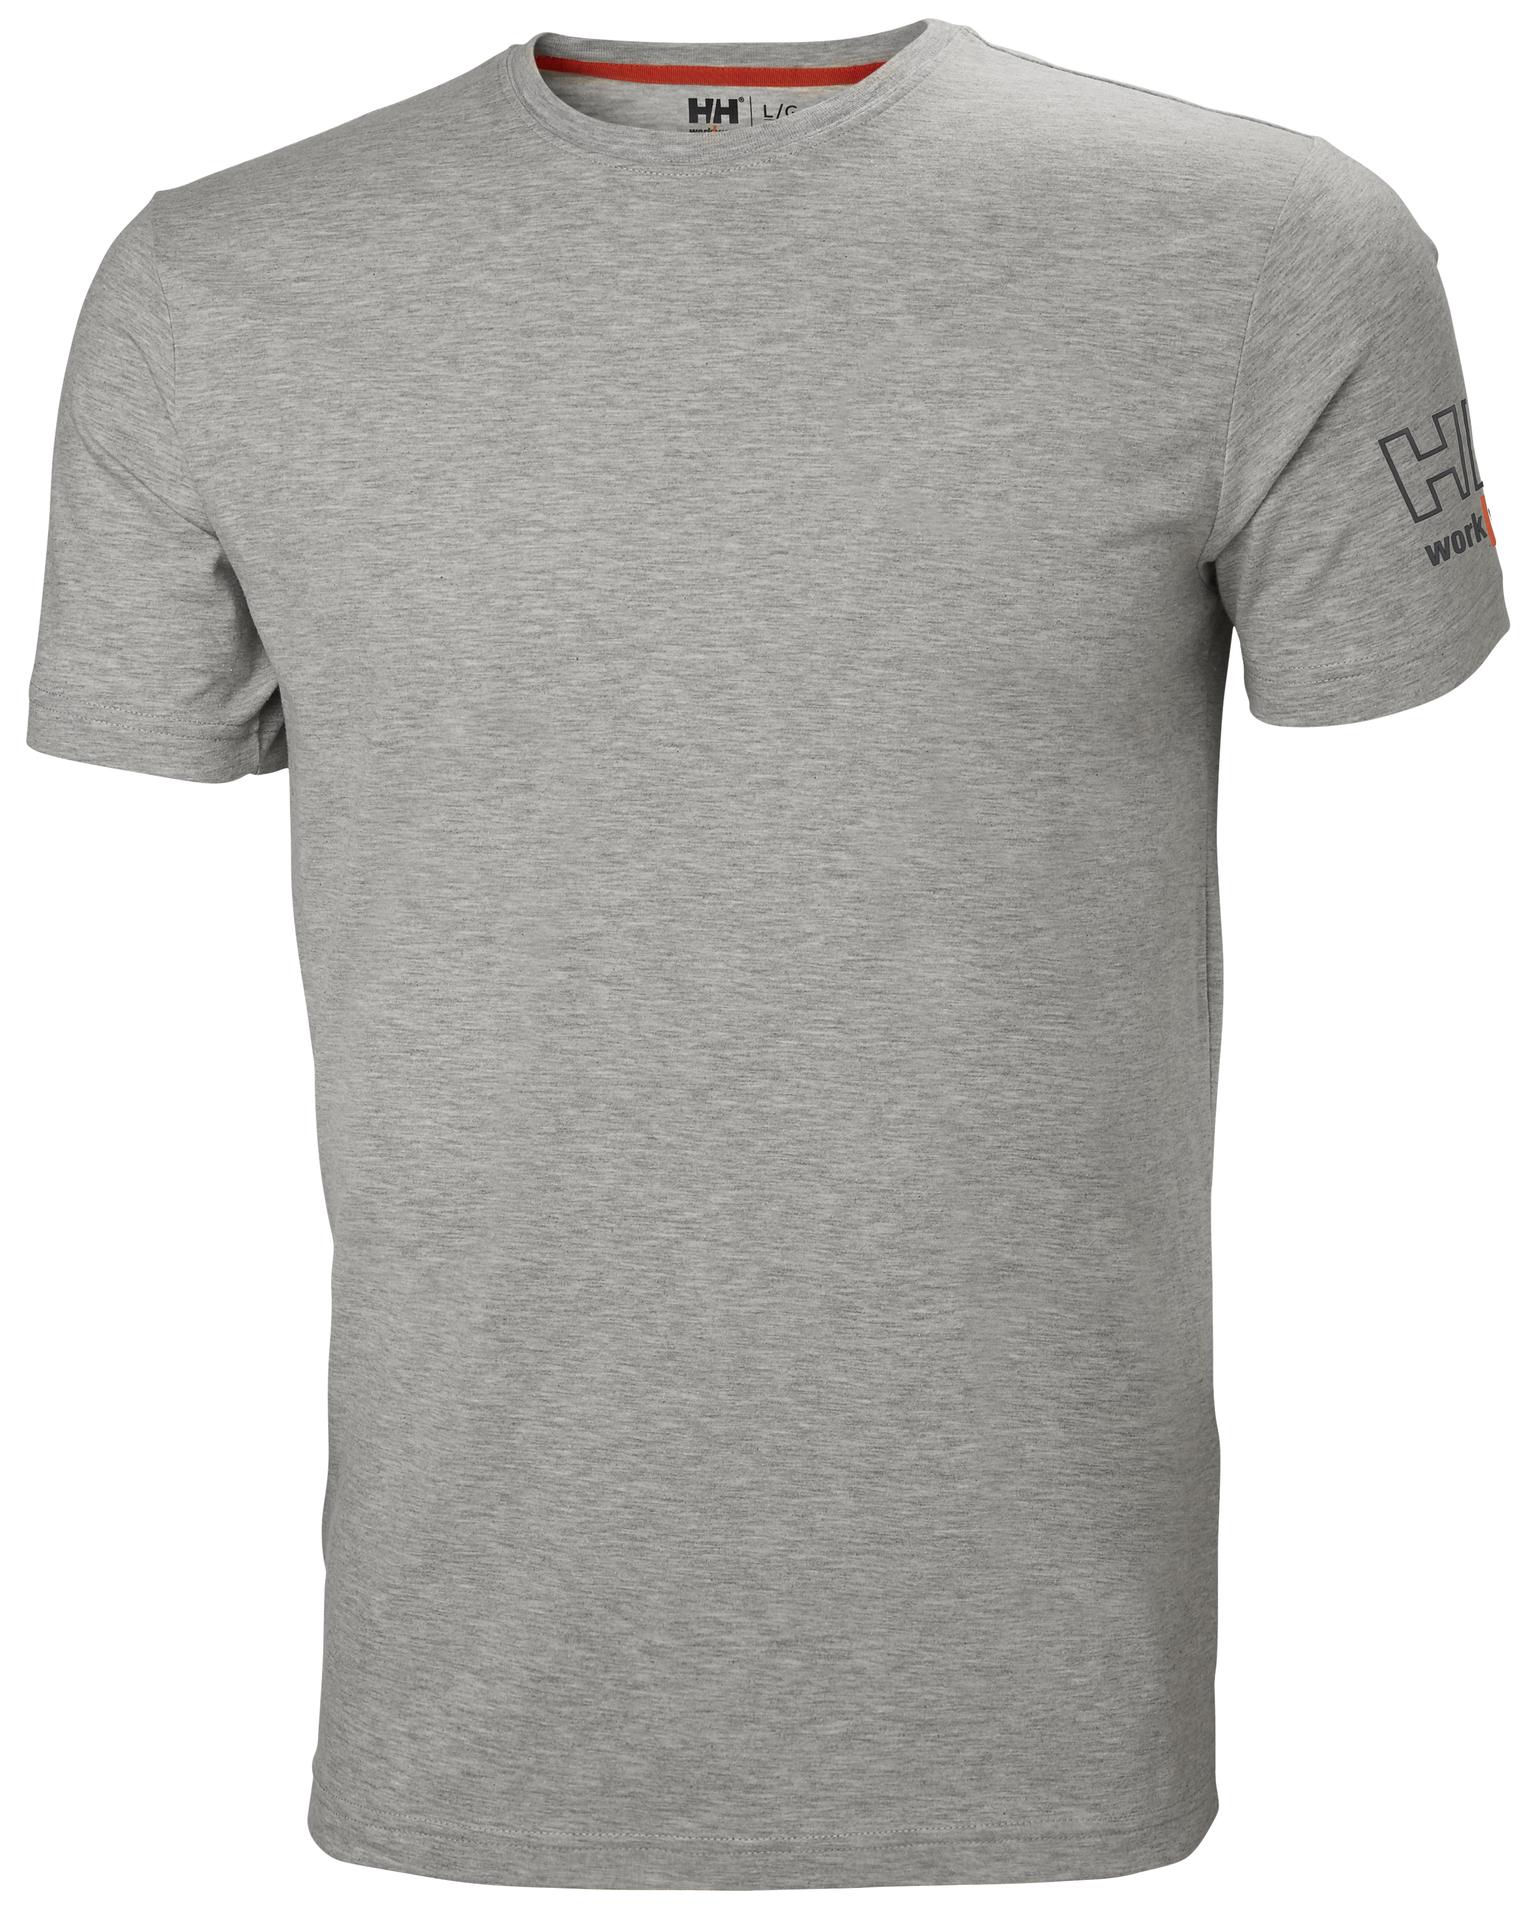 79246_Kensington t-shirt, Avec le confort pour mot d'ordre, la collection Kensington est inégalable. L'association du coton et de l'élasthane vous assure un confort tout au long de votre journée de travail, quoi qu'il se passe - Logo HH Workwear en relief, Helly Hansen, 109 t-shirts